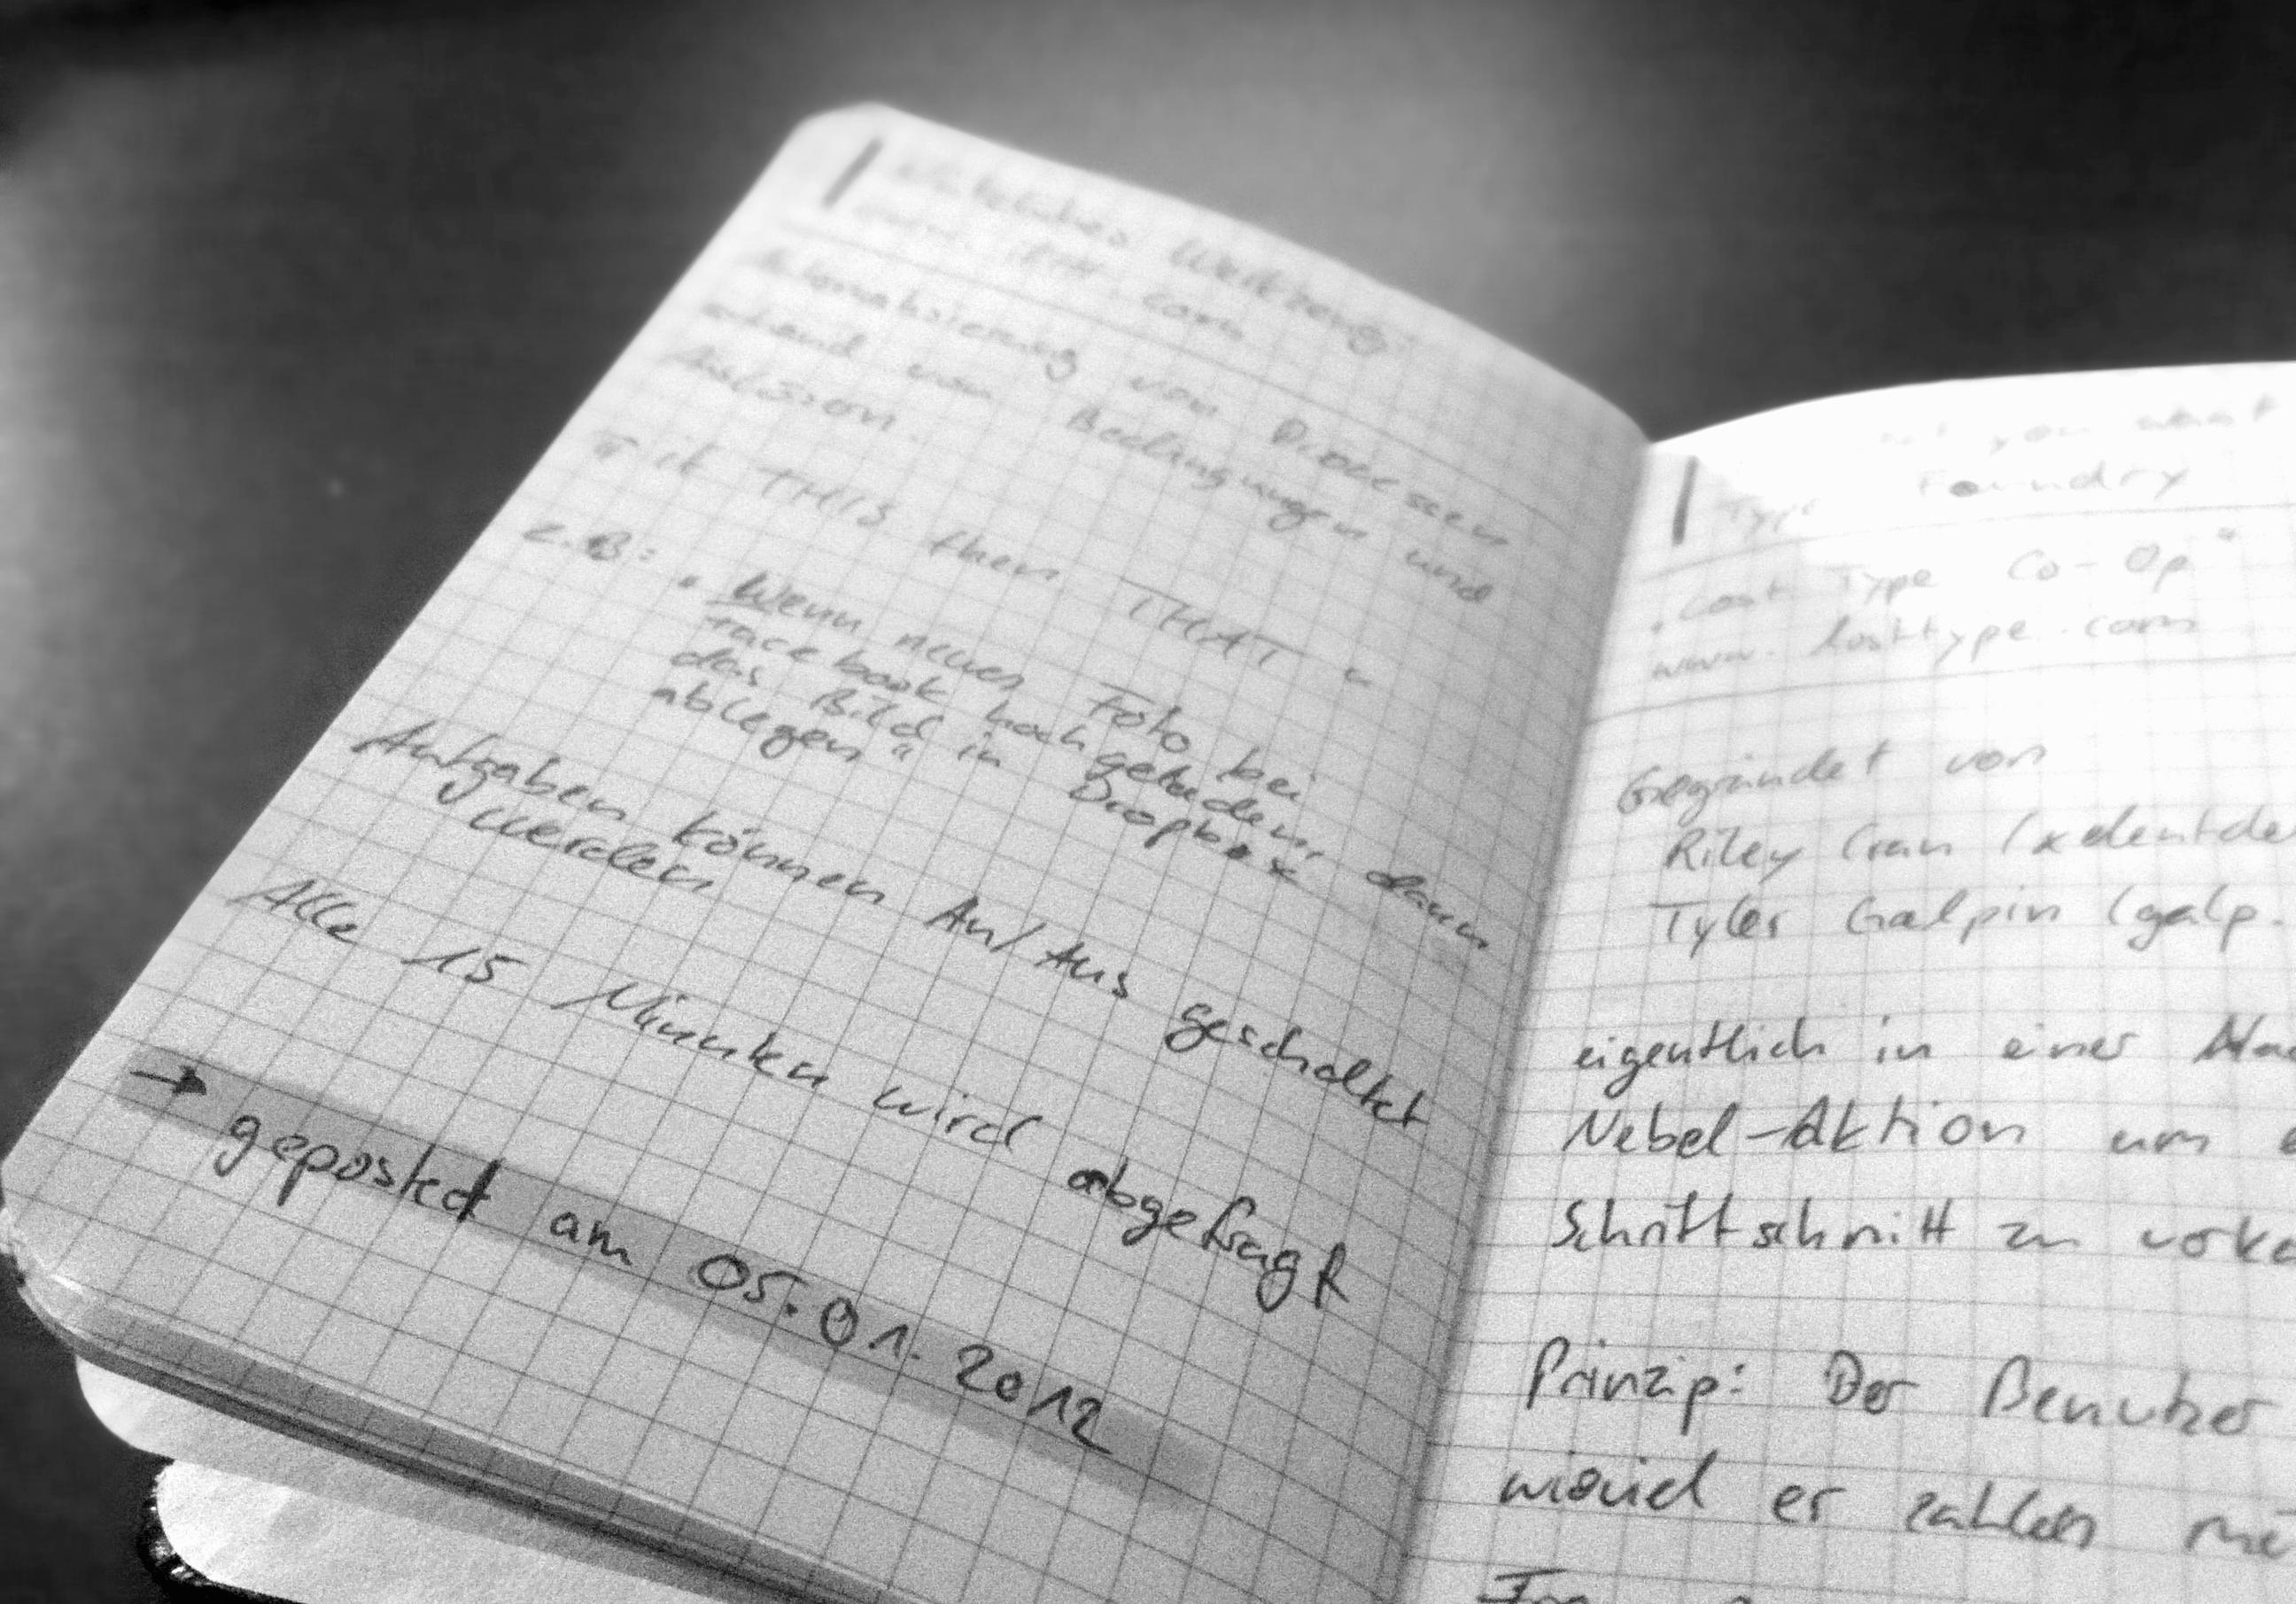 Ein typisches Notizbuch über den Design Blog FW: look!